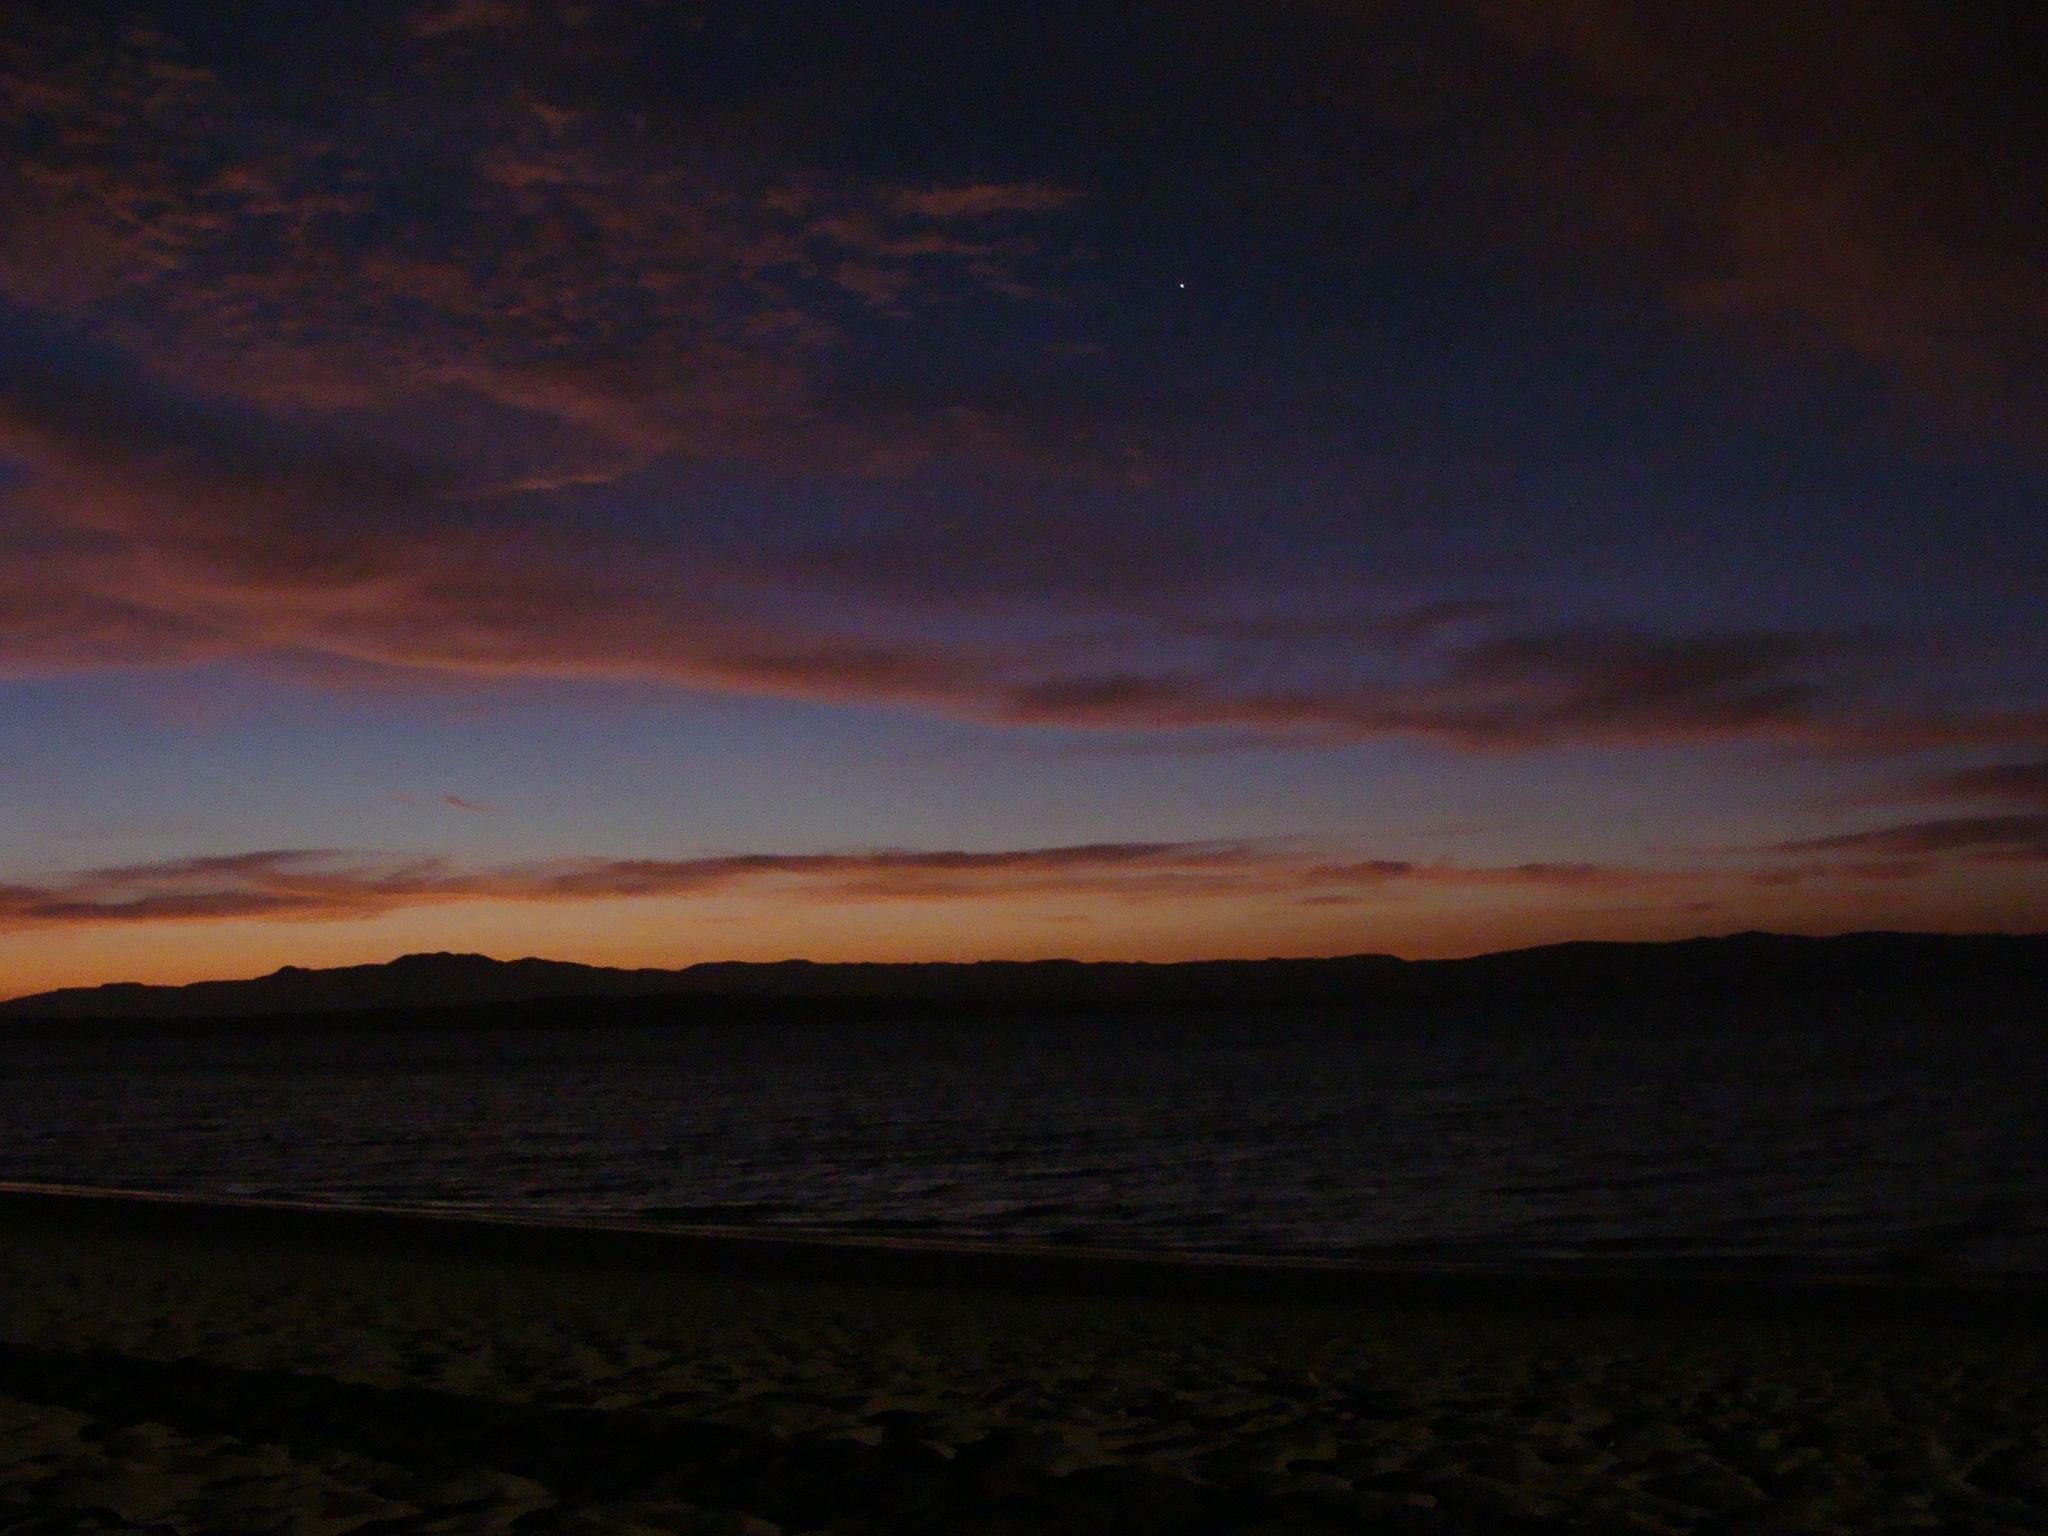 Západ slunce v paracaskem zálivu s první hvězdou Canopus ze souhvězdí Carina - lodní kýl 21. 2. 2011 19:07